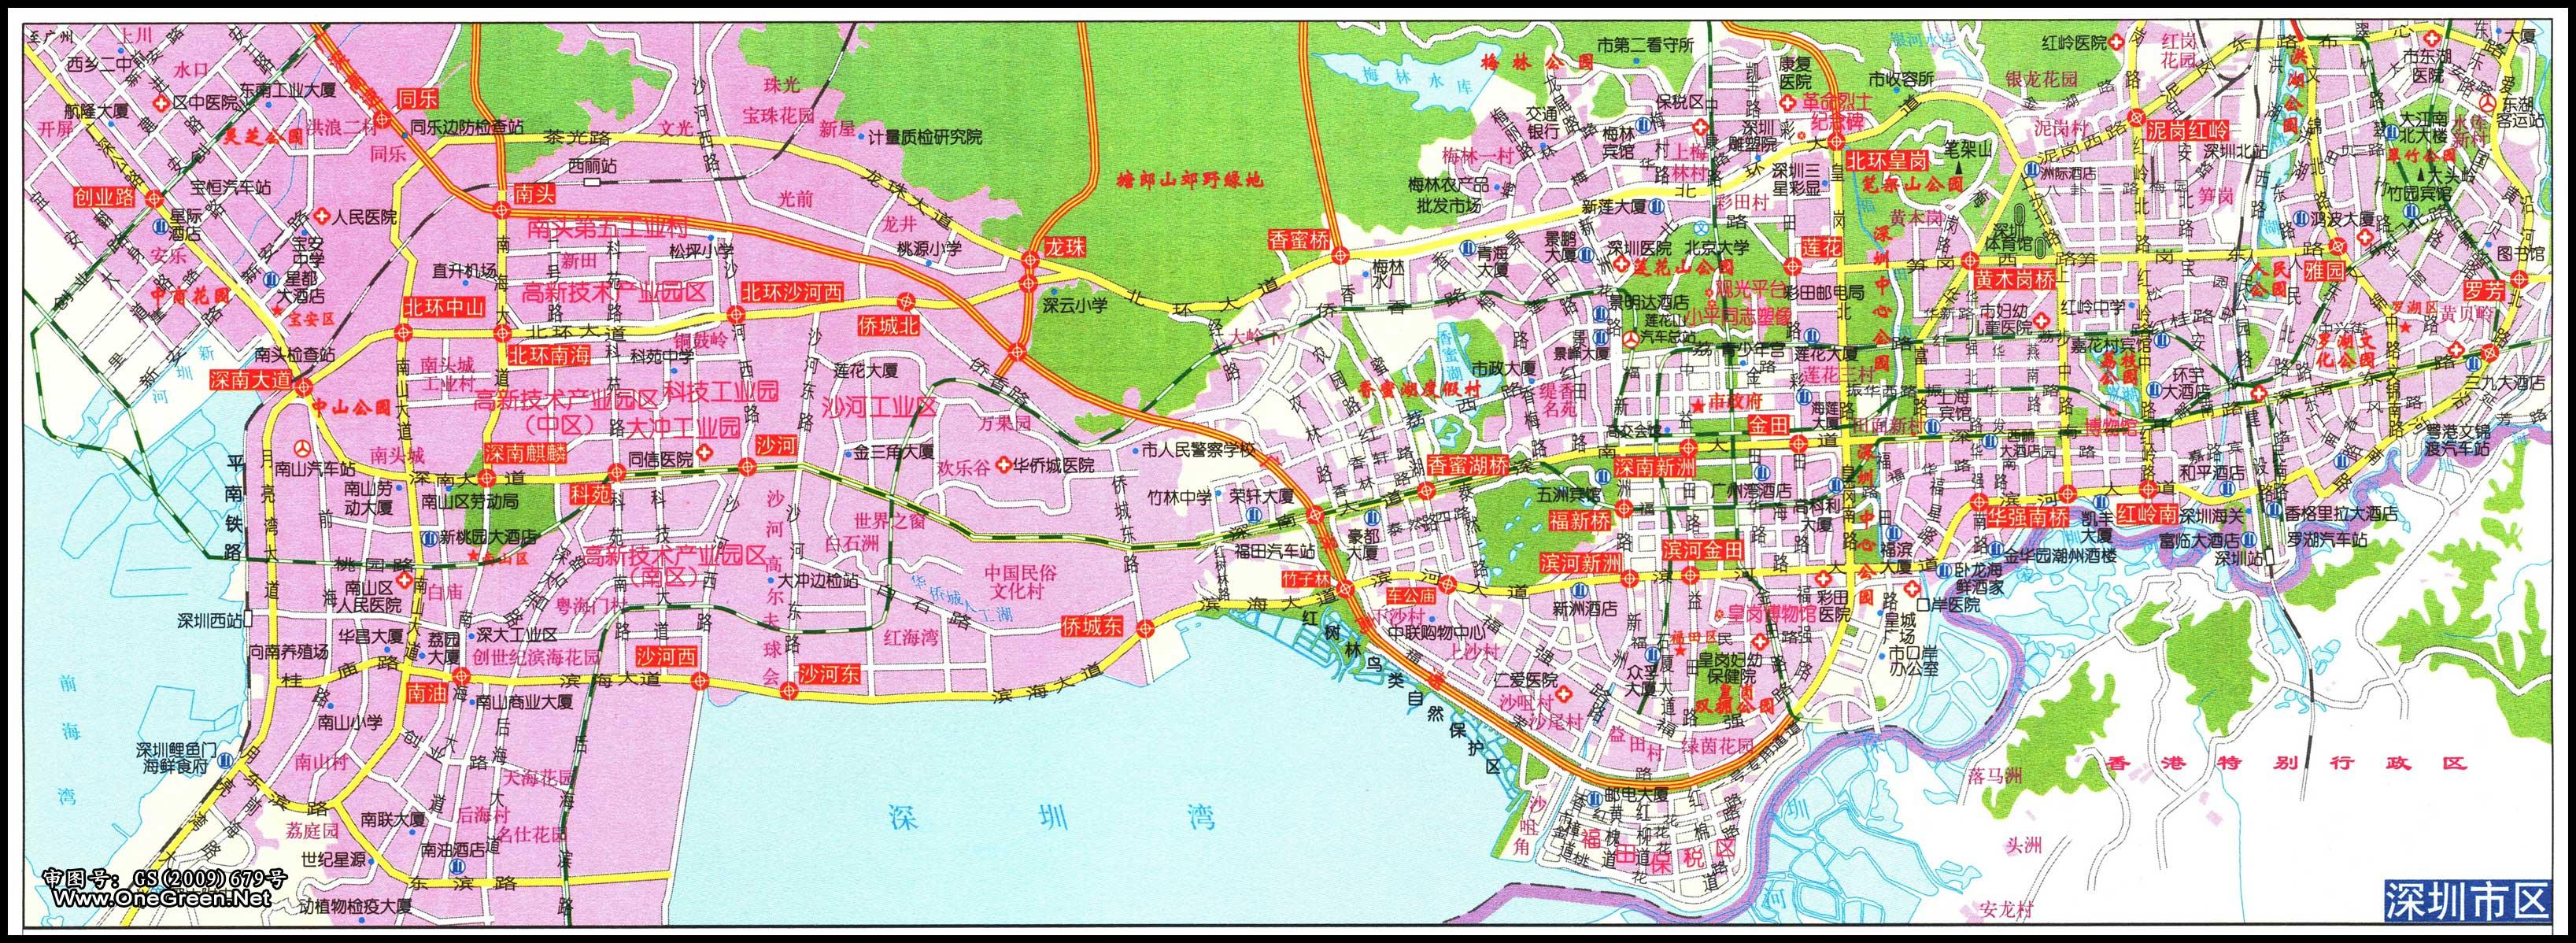 深圳市区地图(西部)